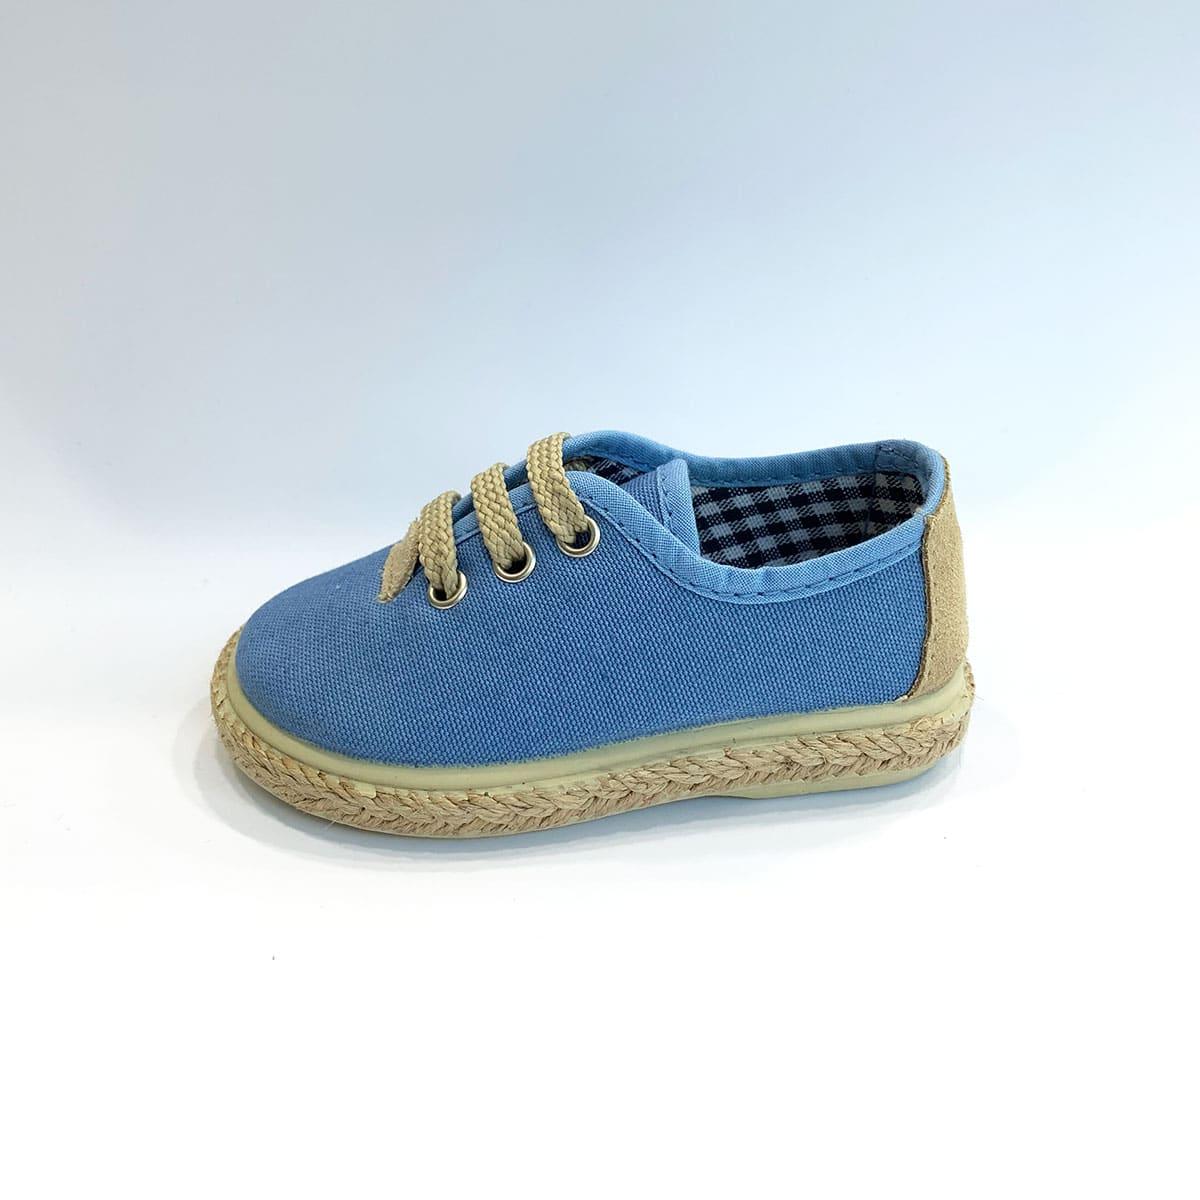 25791208 zapatilla azul de cordones y esparto. Click to enlarge. InicioNuestras  MarcasVulpeques Zapatillas Piqué Jeans Yute Cordones